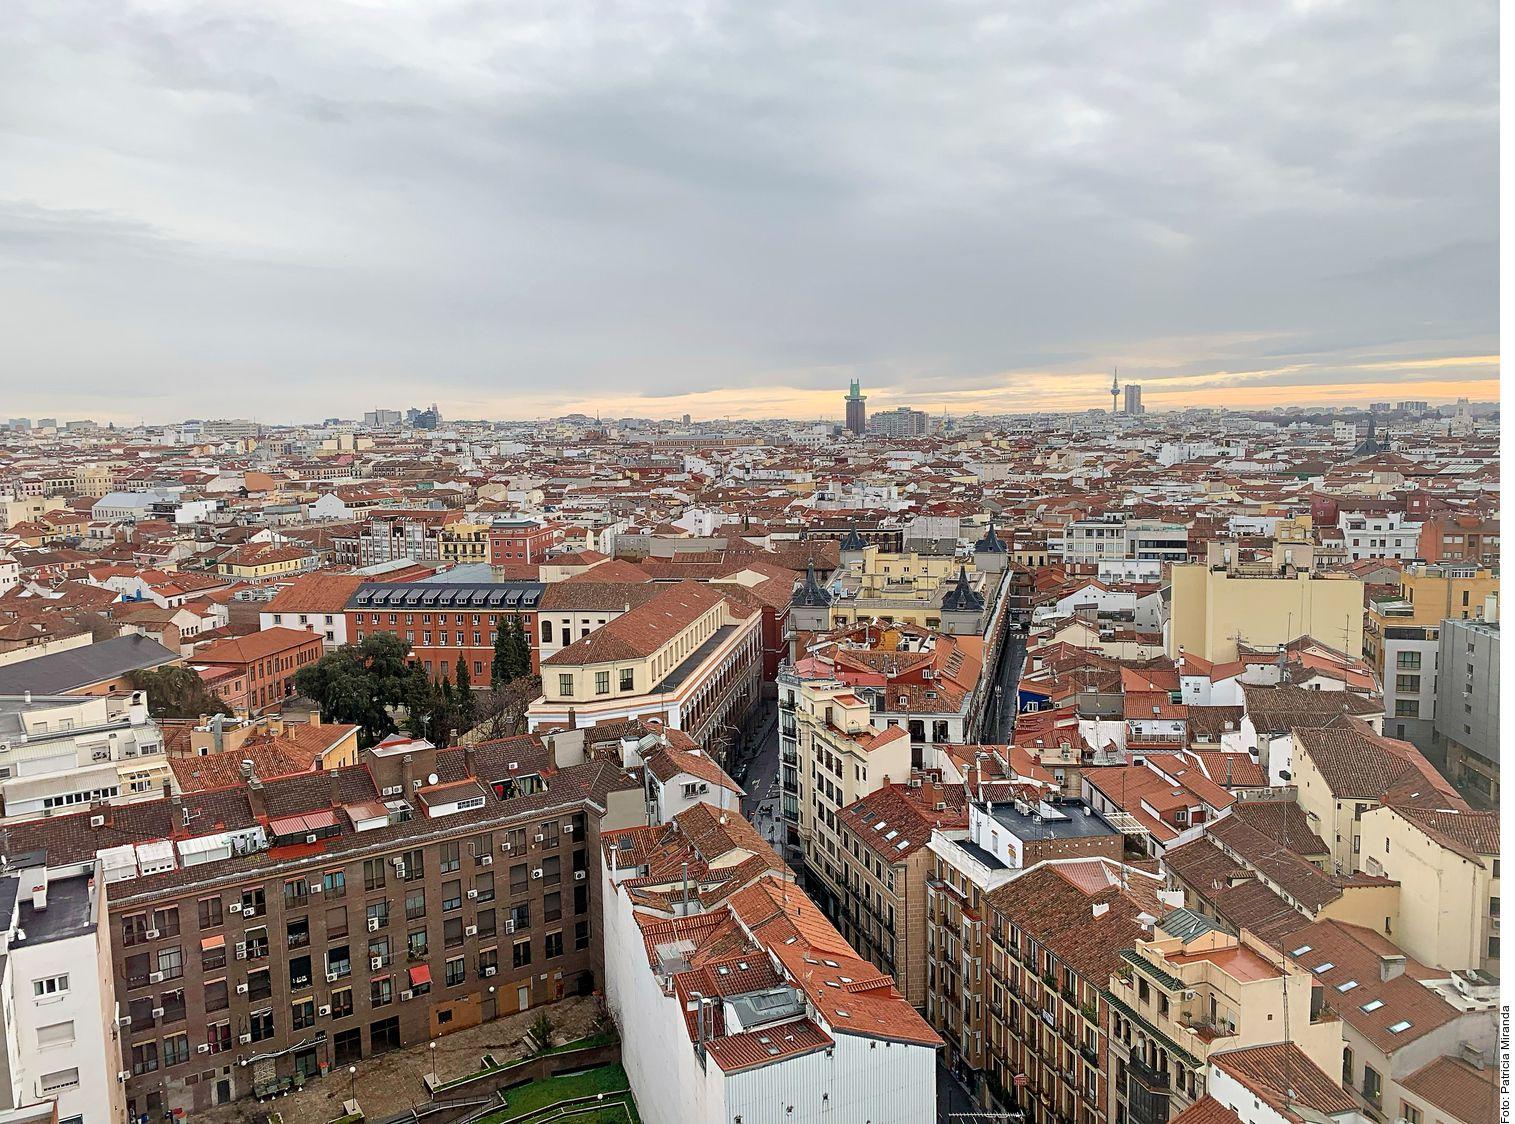 Para disfrutar Madrid hay que andar a buen ritmo, como los madrileños, por esas calles que conducen a barrios que esconden plazas, que cobijan terrazas, que sirven festines, que se quedan en el alma.